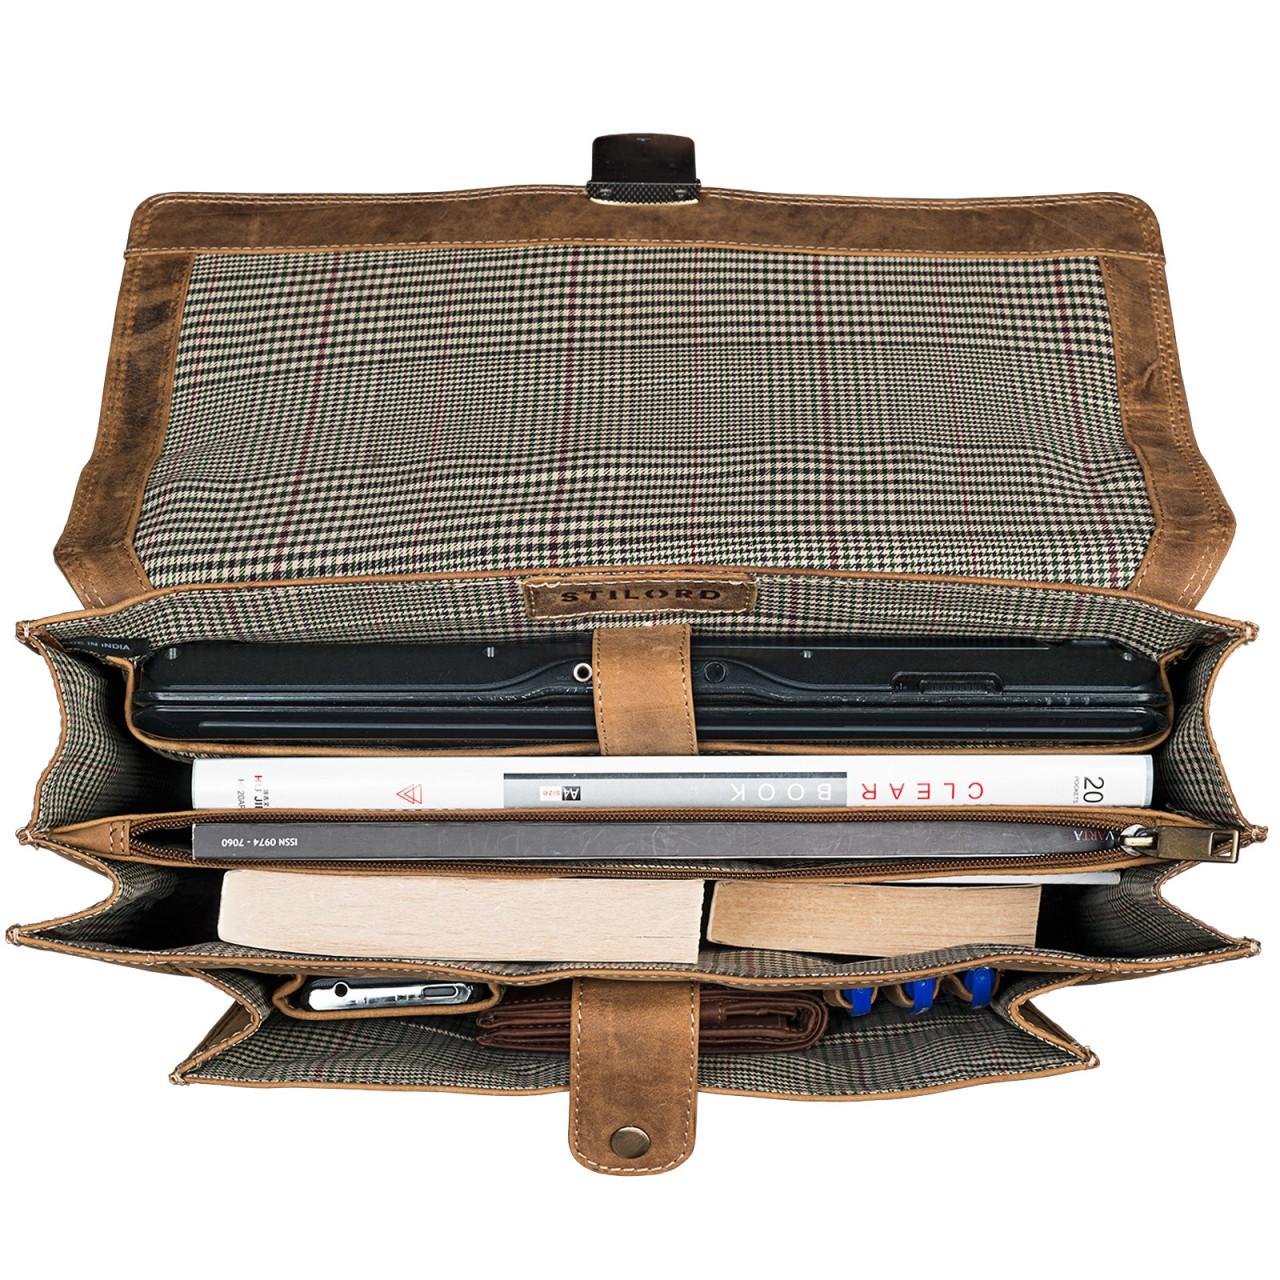 STILORD Bürotasche klassisch elegante Business Umhängetasche Laptoptasche zeitloses Vintage Design und echtes Leder, braun - Bild 6